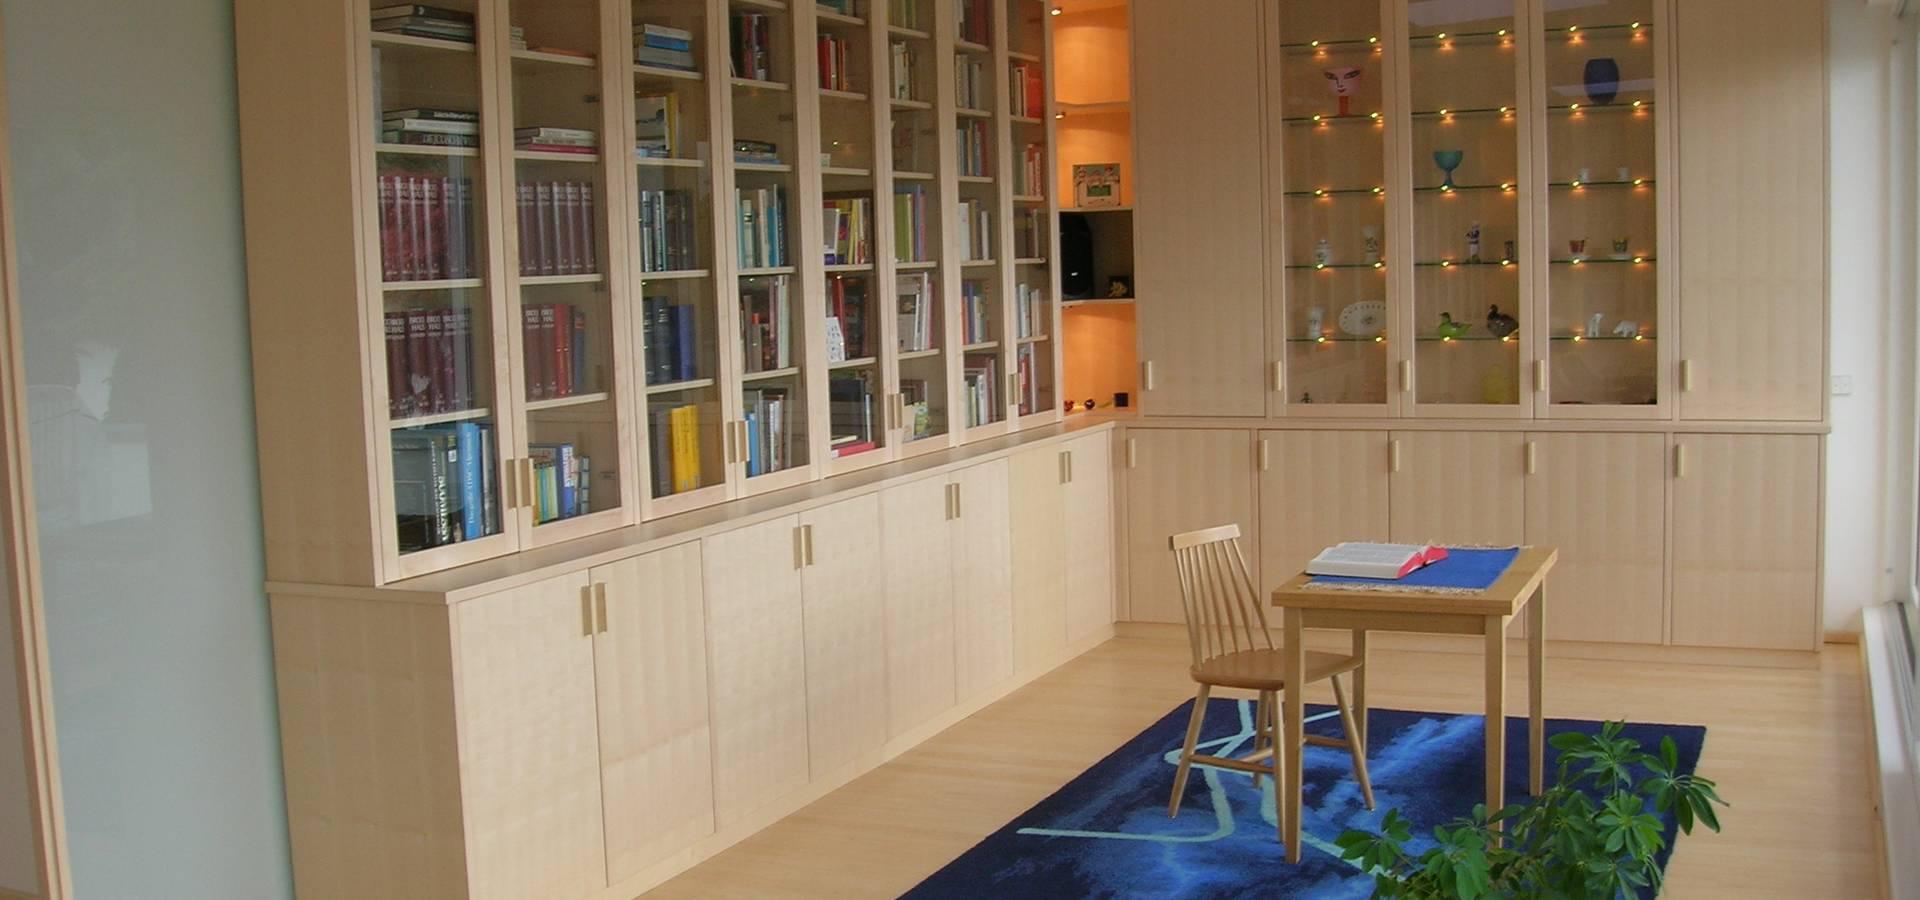 schreinerei hilz prokasky tischler in kelkheim homify. Black Bedroom Furniture Sets. Home Design Ideas